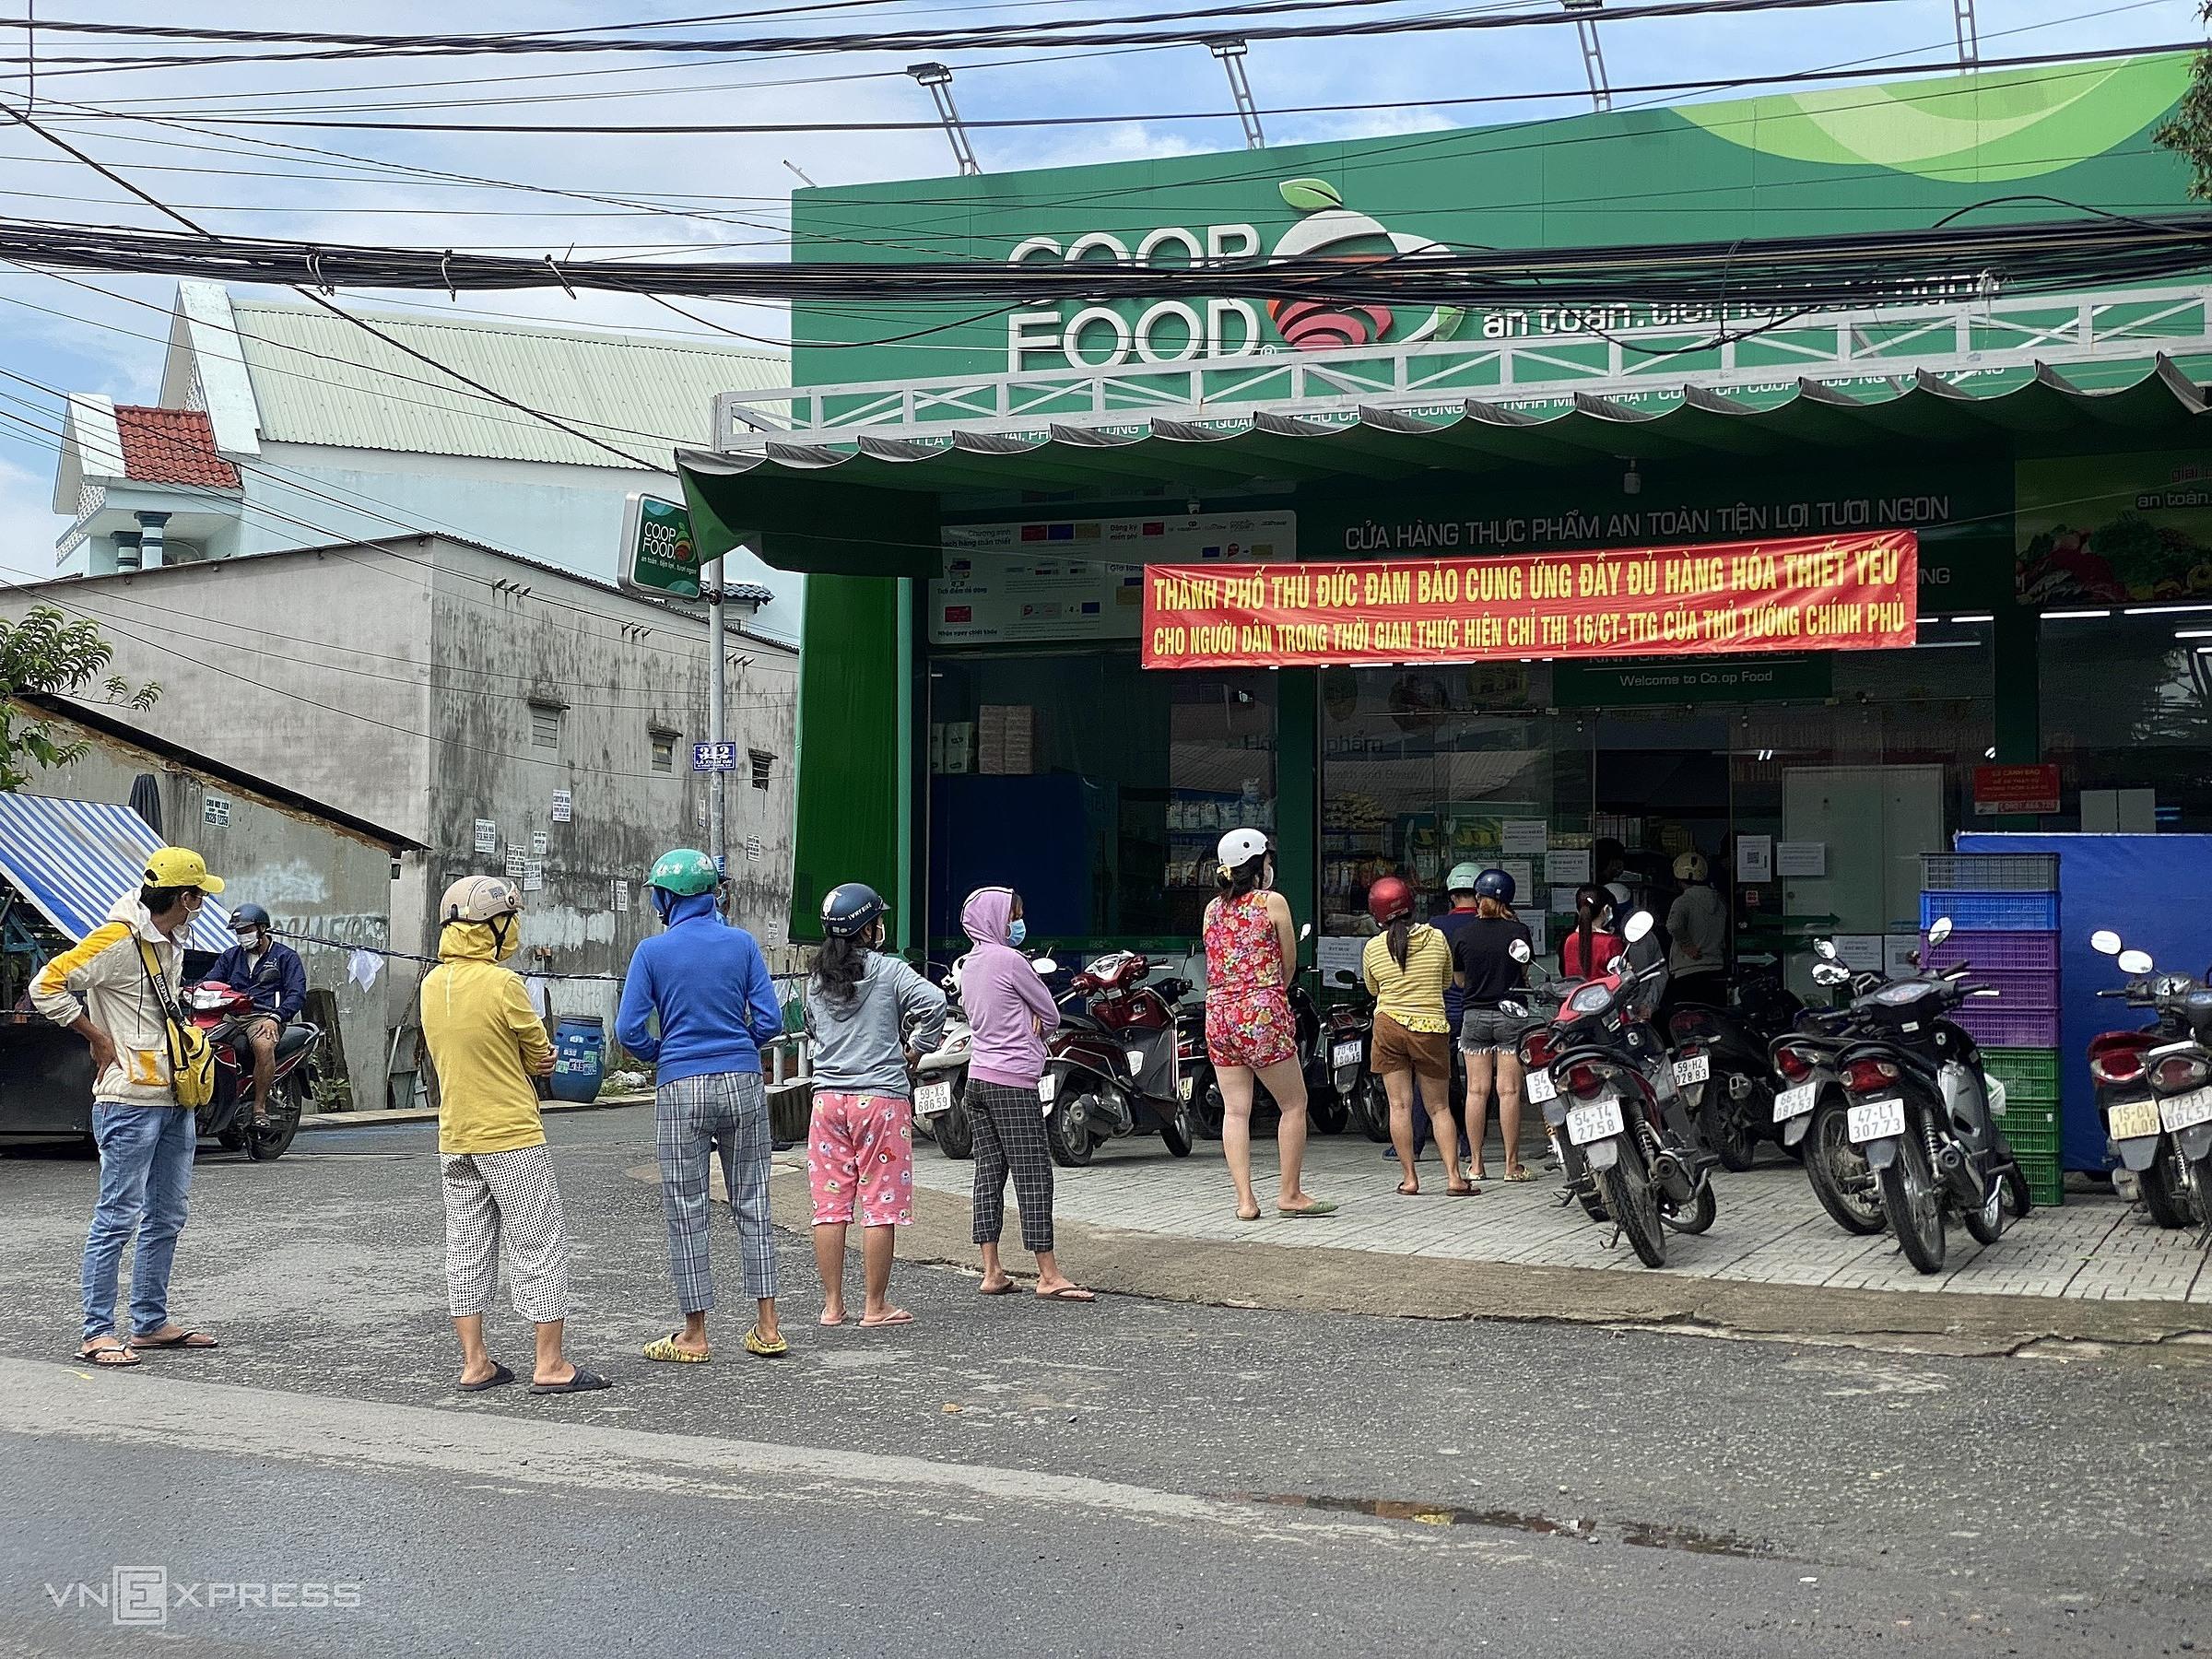 Người dân xếp hàng dài ra đến mặt lộ để chờ đến lượt mua sắm tại cửa hàng Co.op Food trên đường Lã Xuân Oai (Long Trường, TP Thủ Đức). Ảnh: Tất Đạt.